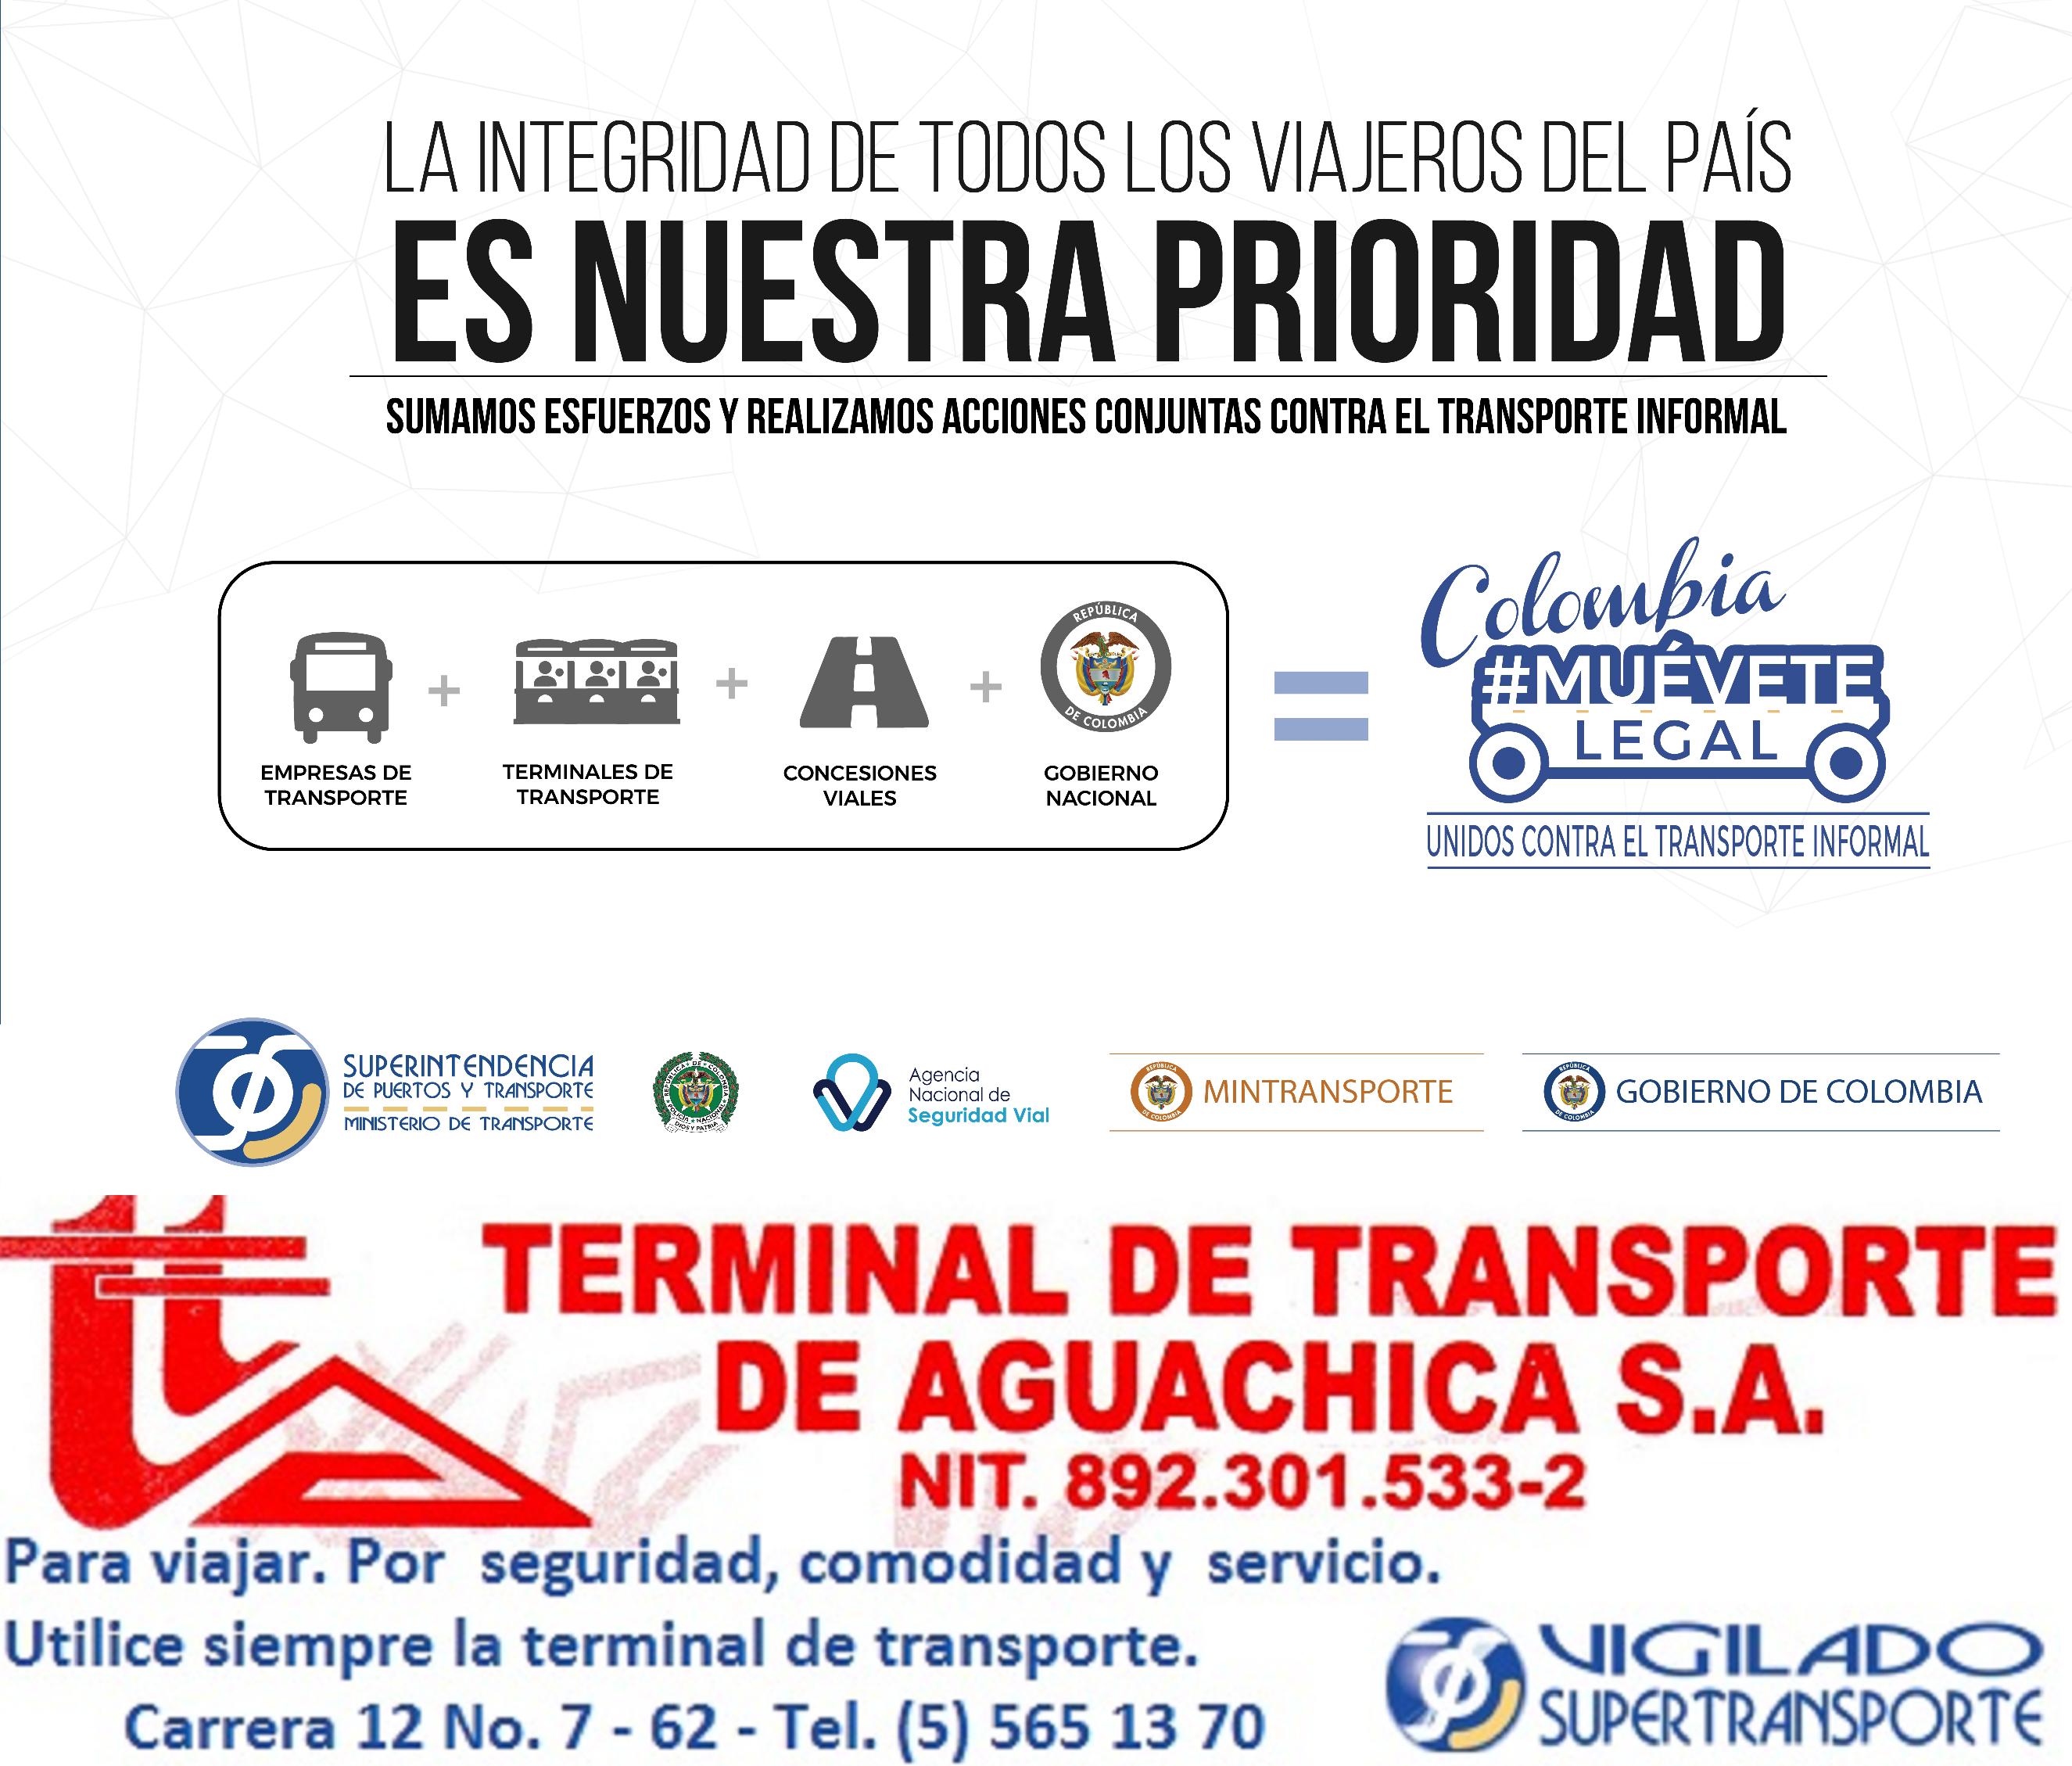 Combatir el transporte ilegal es responsabilidad de todos. Por eso #TerminalAguachica también se une a la campaña de la @Supertransporte: Colombia, #MuéveteLegal.